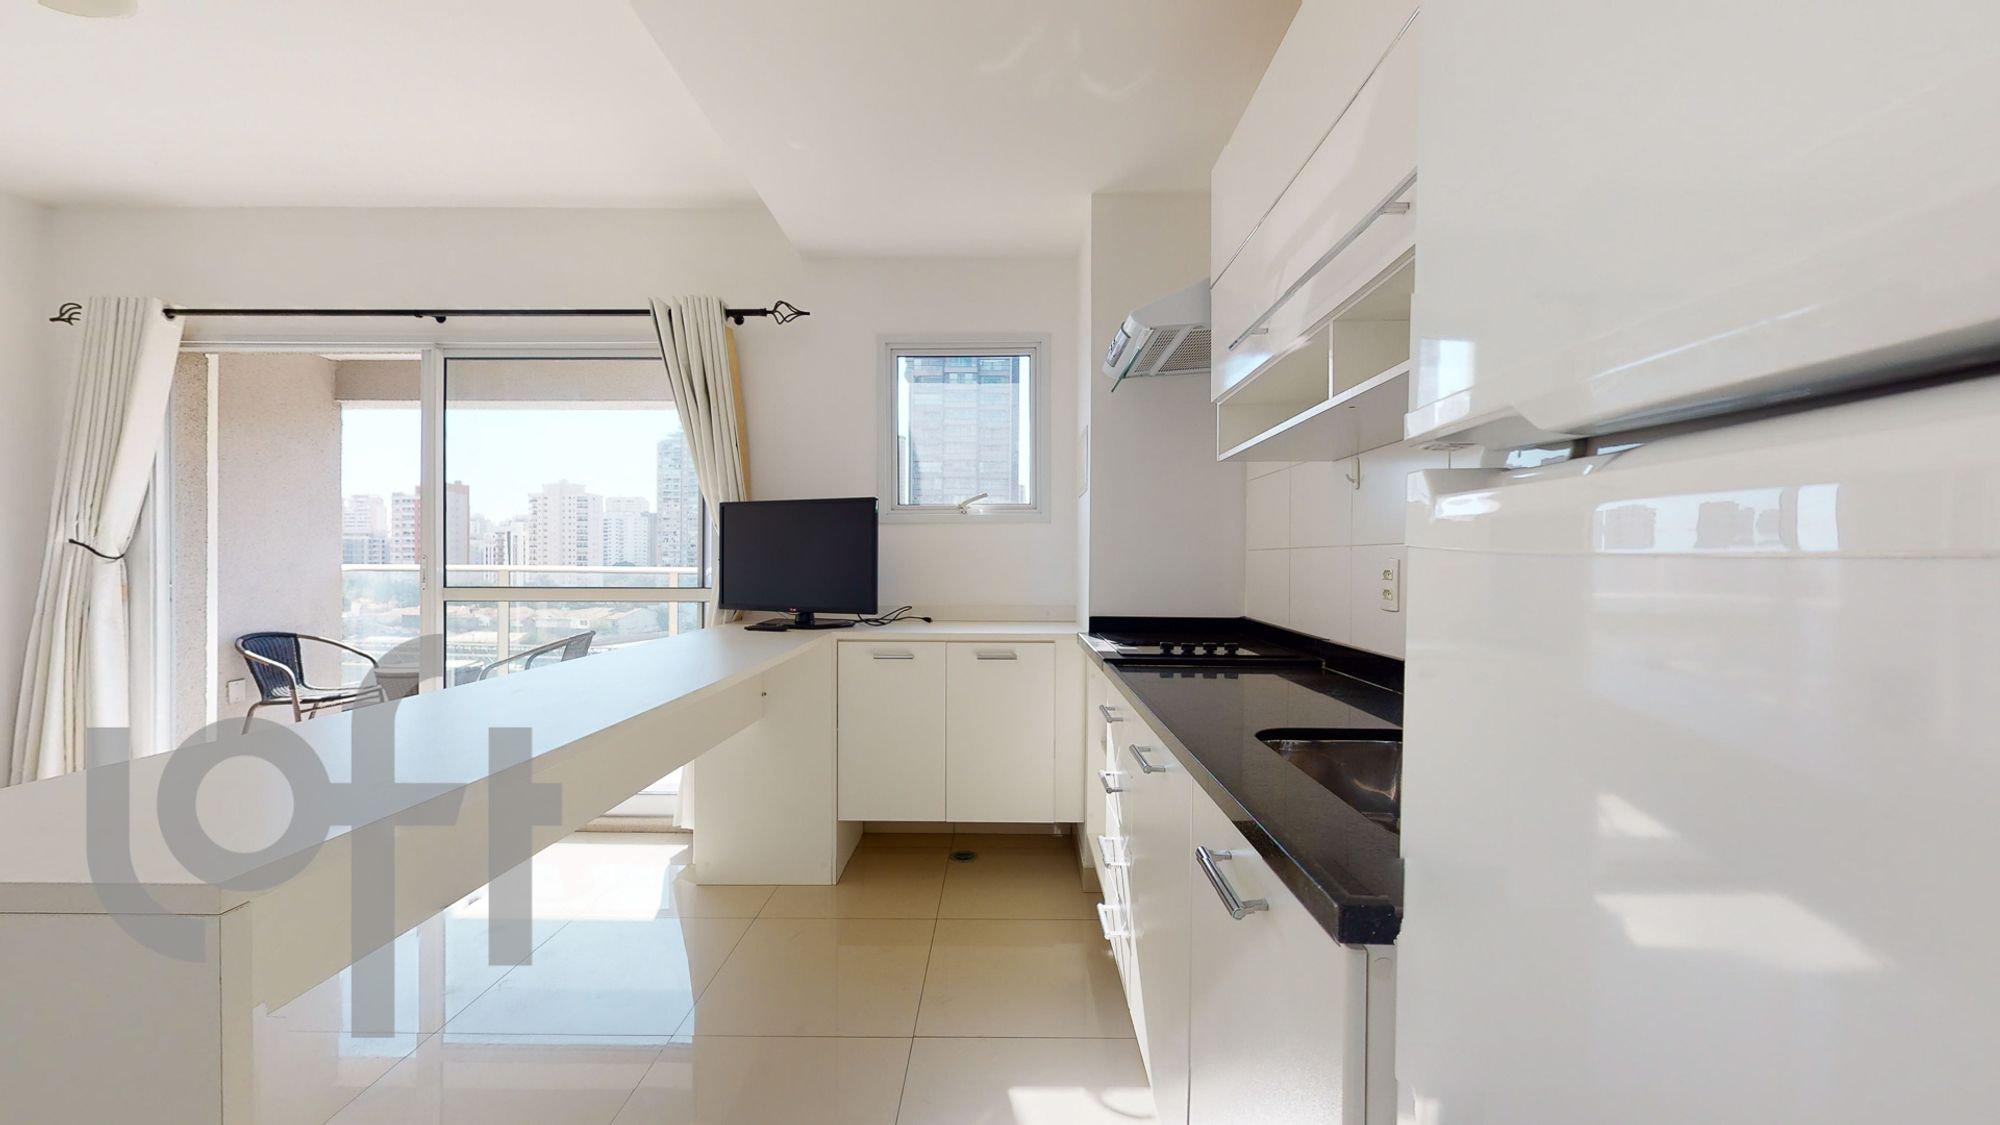 Foto de Cozinha com televisão